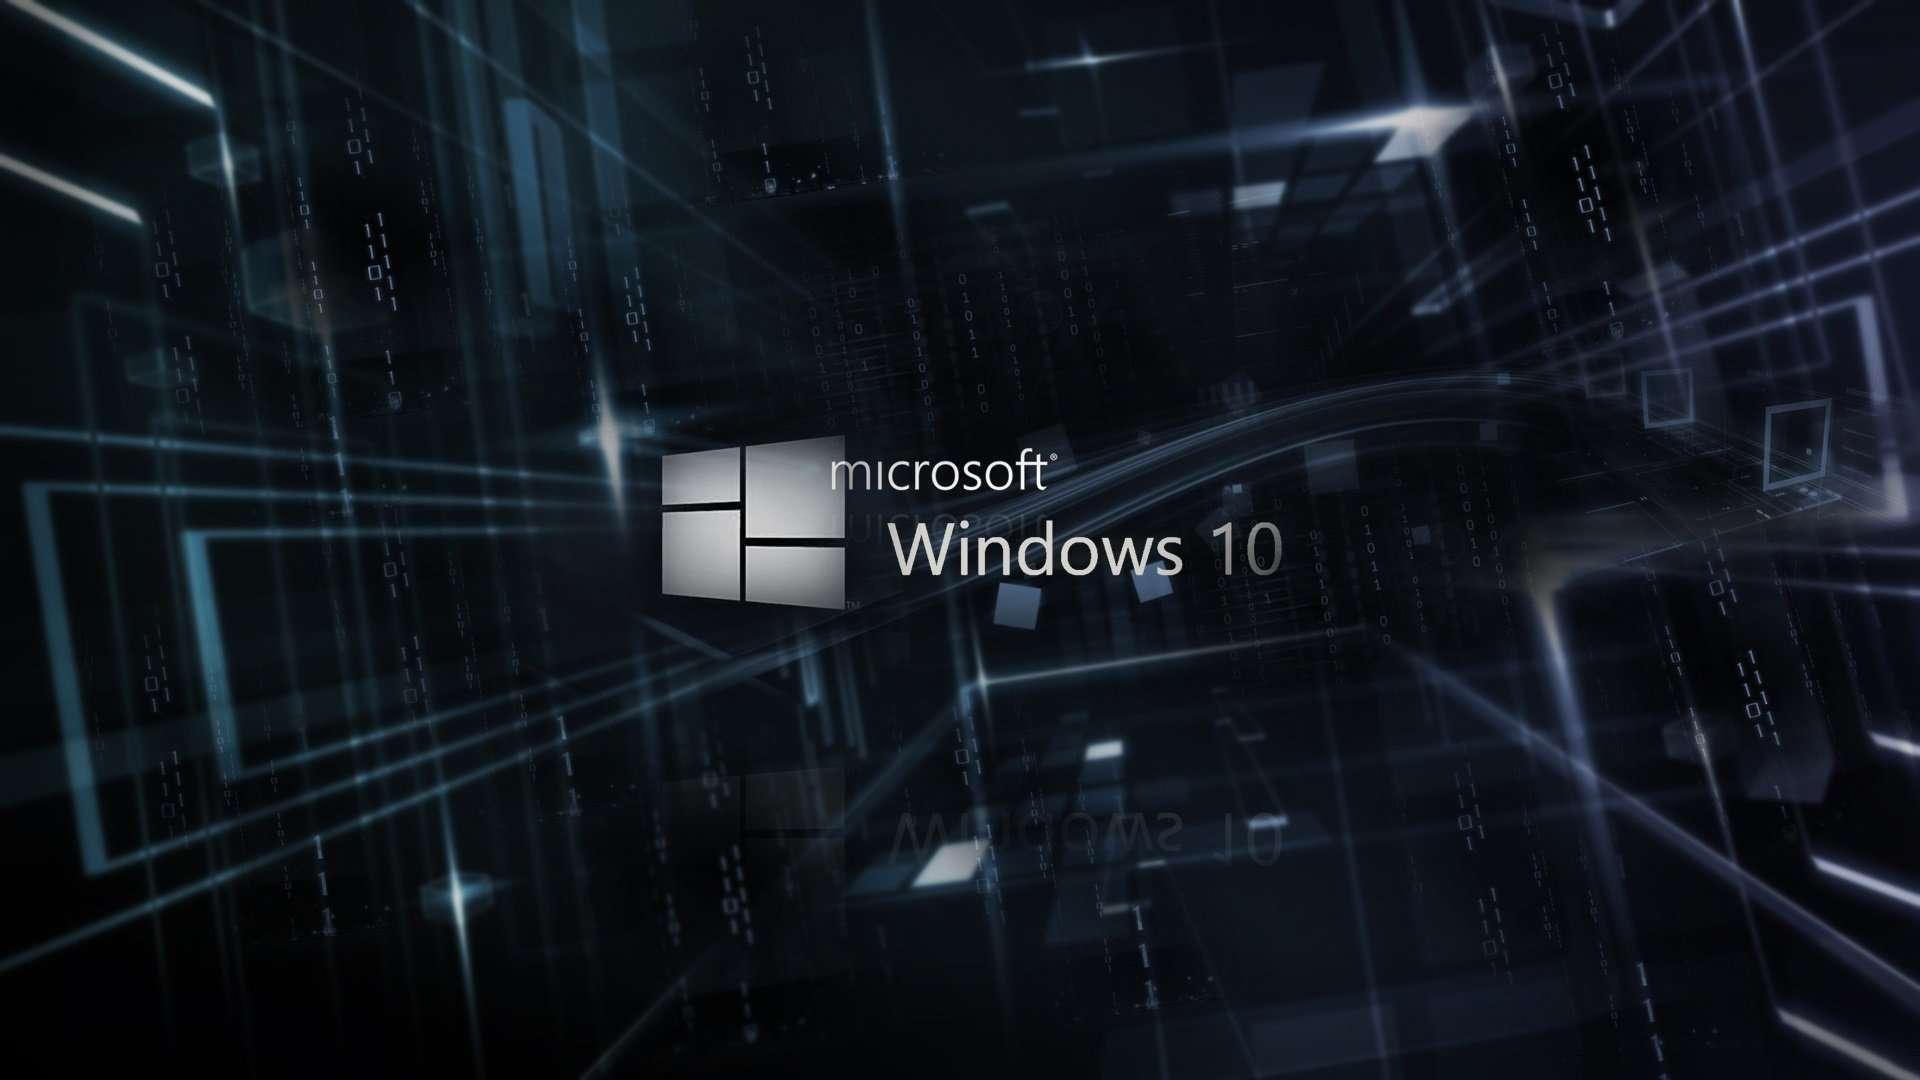 Hd windows 10 wallpaper windows 10 logo hd 1920x1080 for Window 10 wallpaper